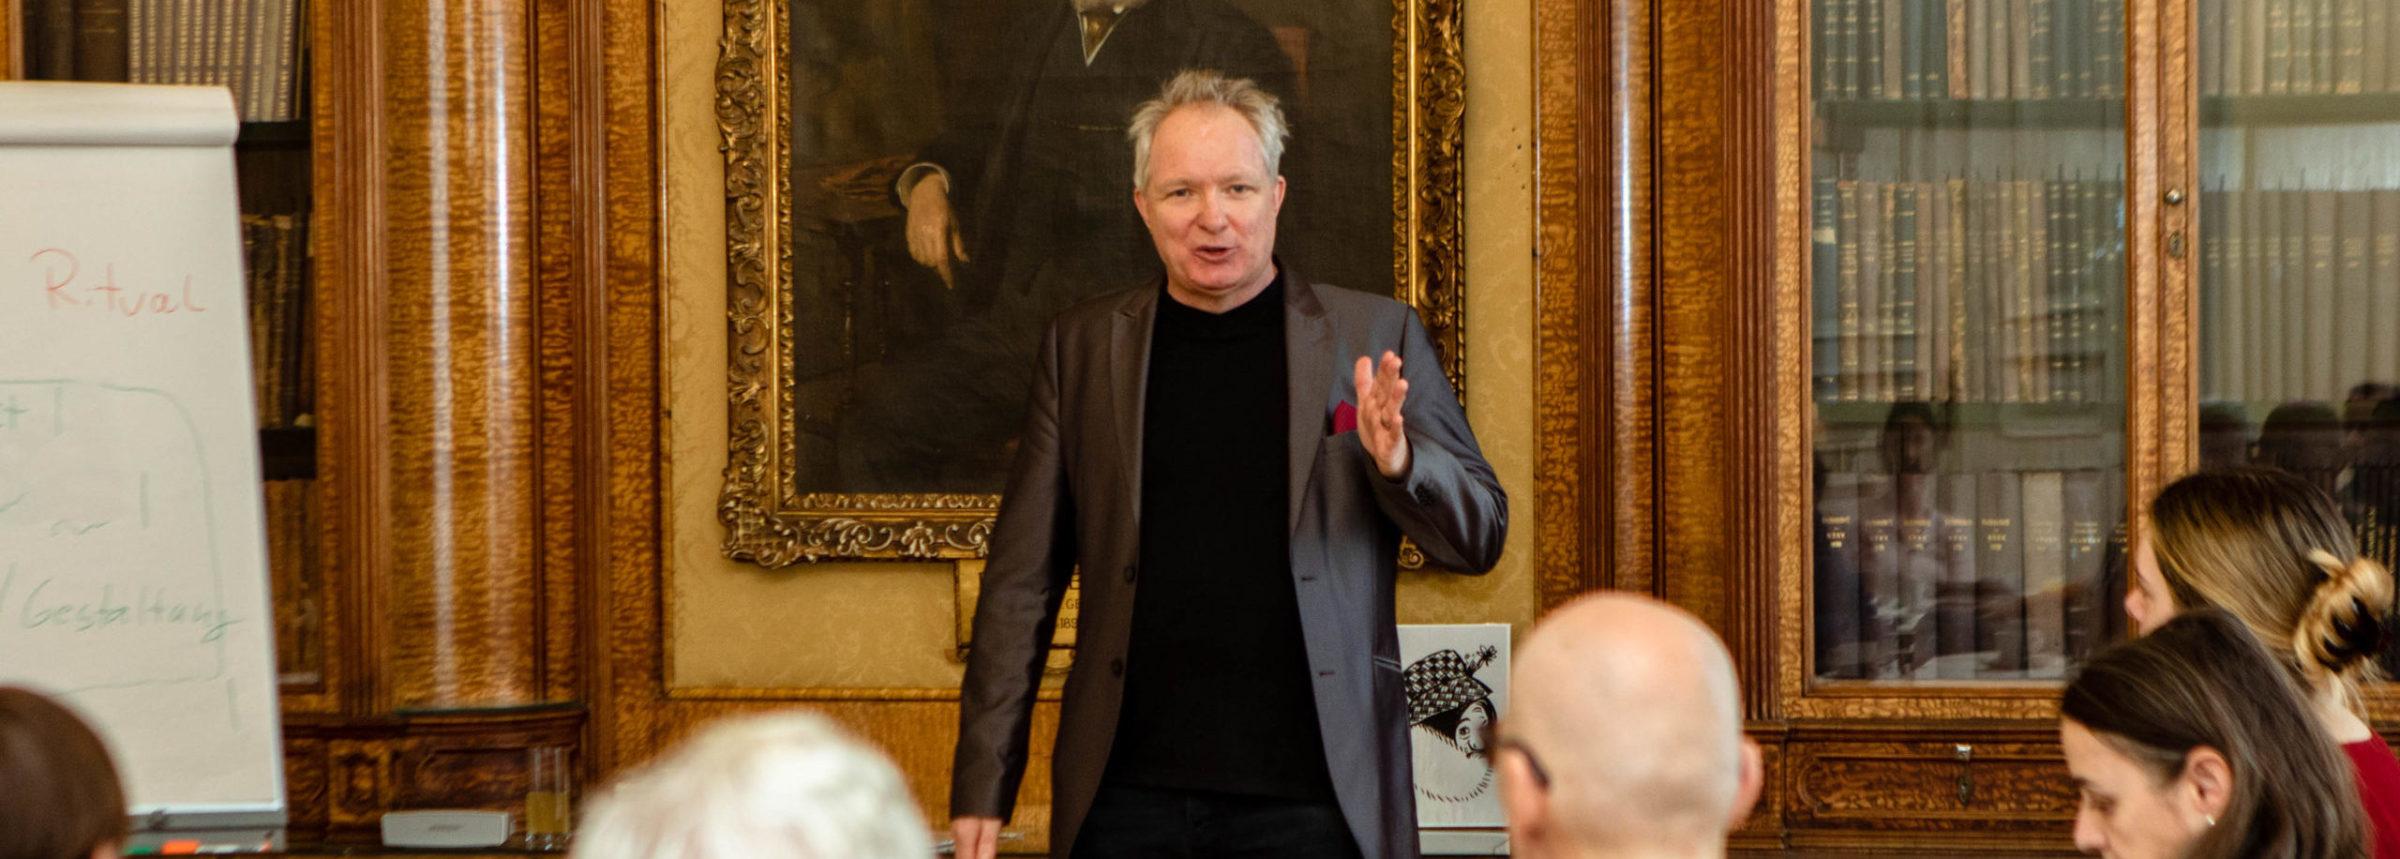 ÖGV Neuigkeiten: Rückblick: early bird mit Richard Blöss / Public Speaking ist ein Handwerk